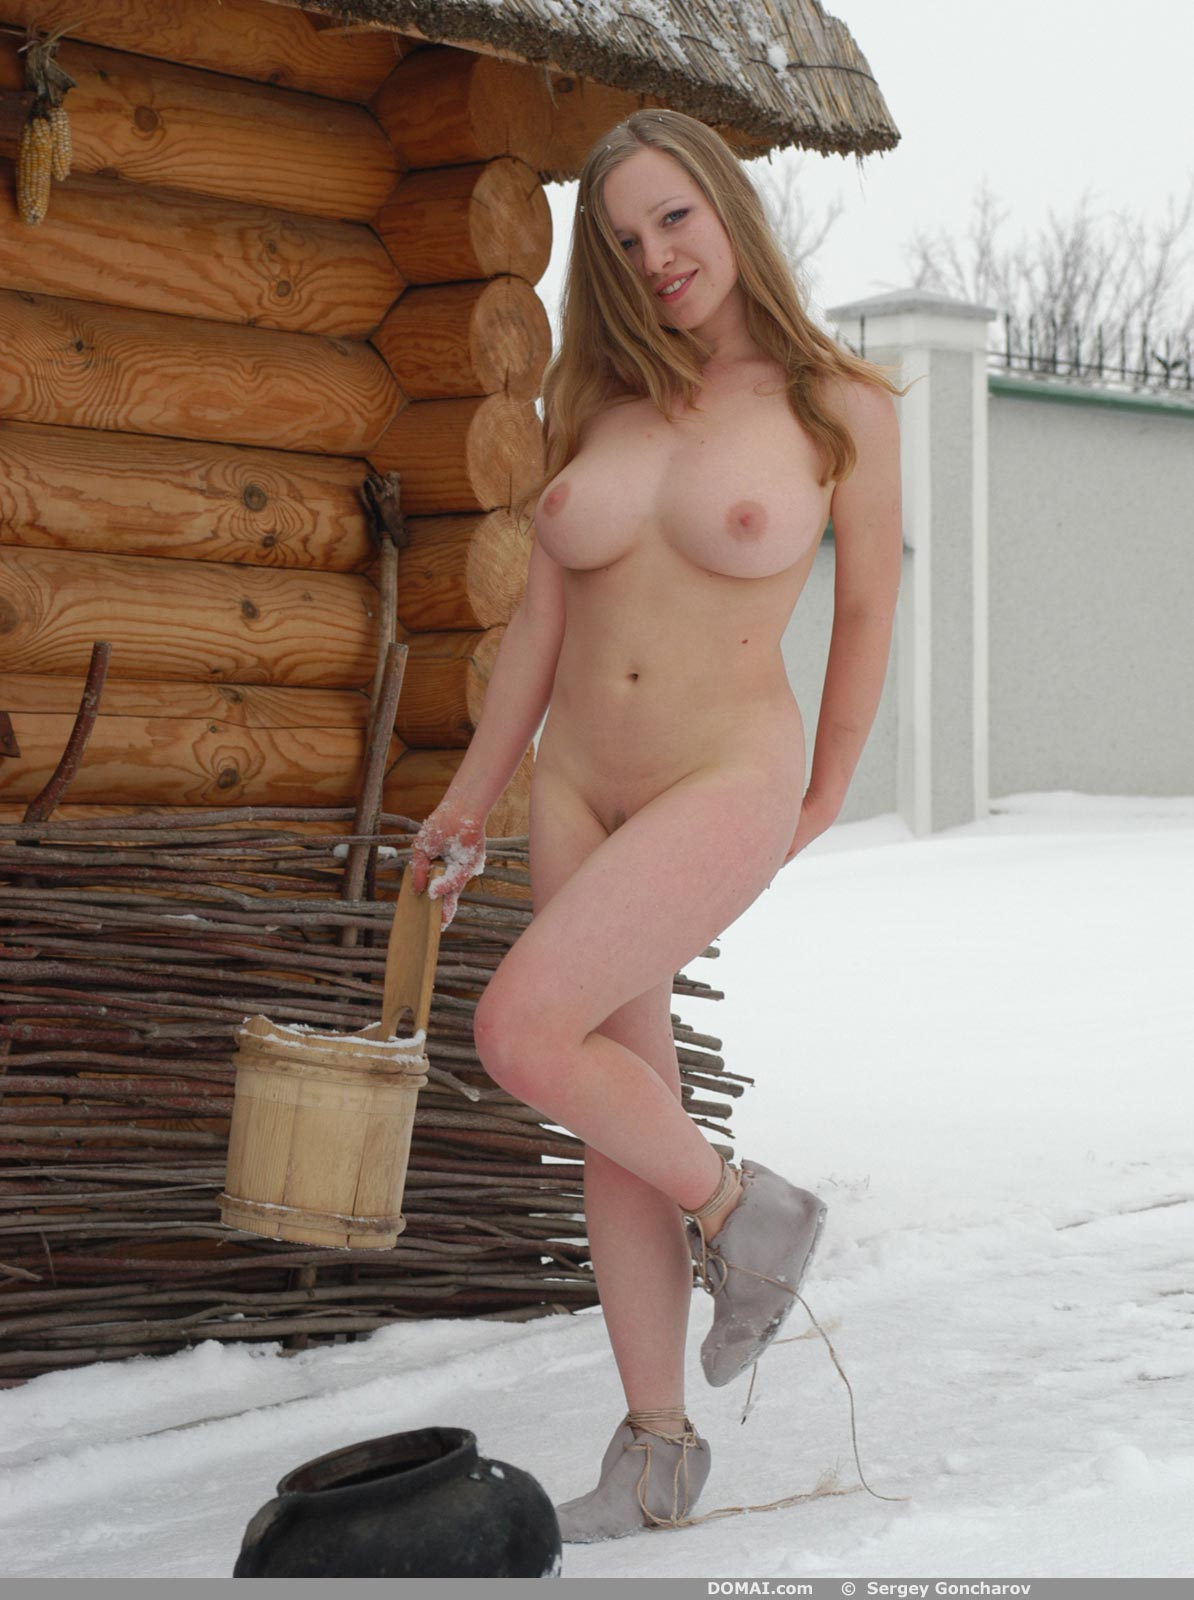 Фото девушек 18 в бане деревенской 17 фотография